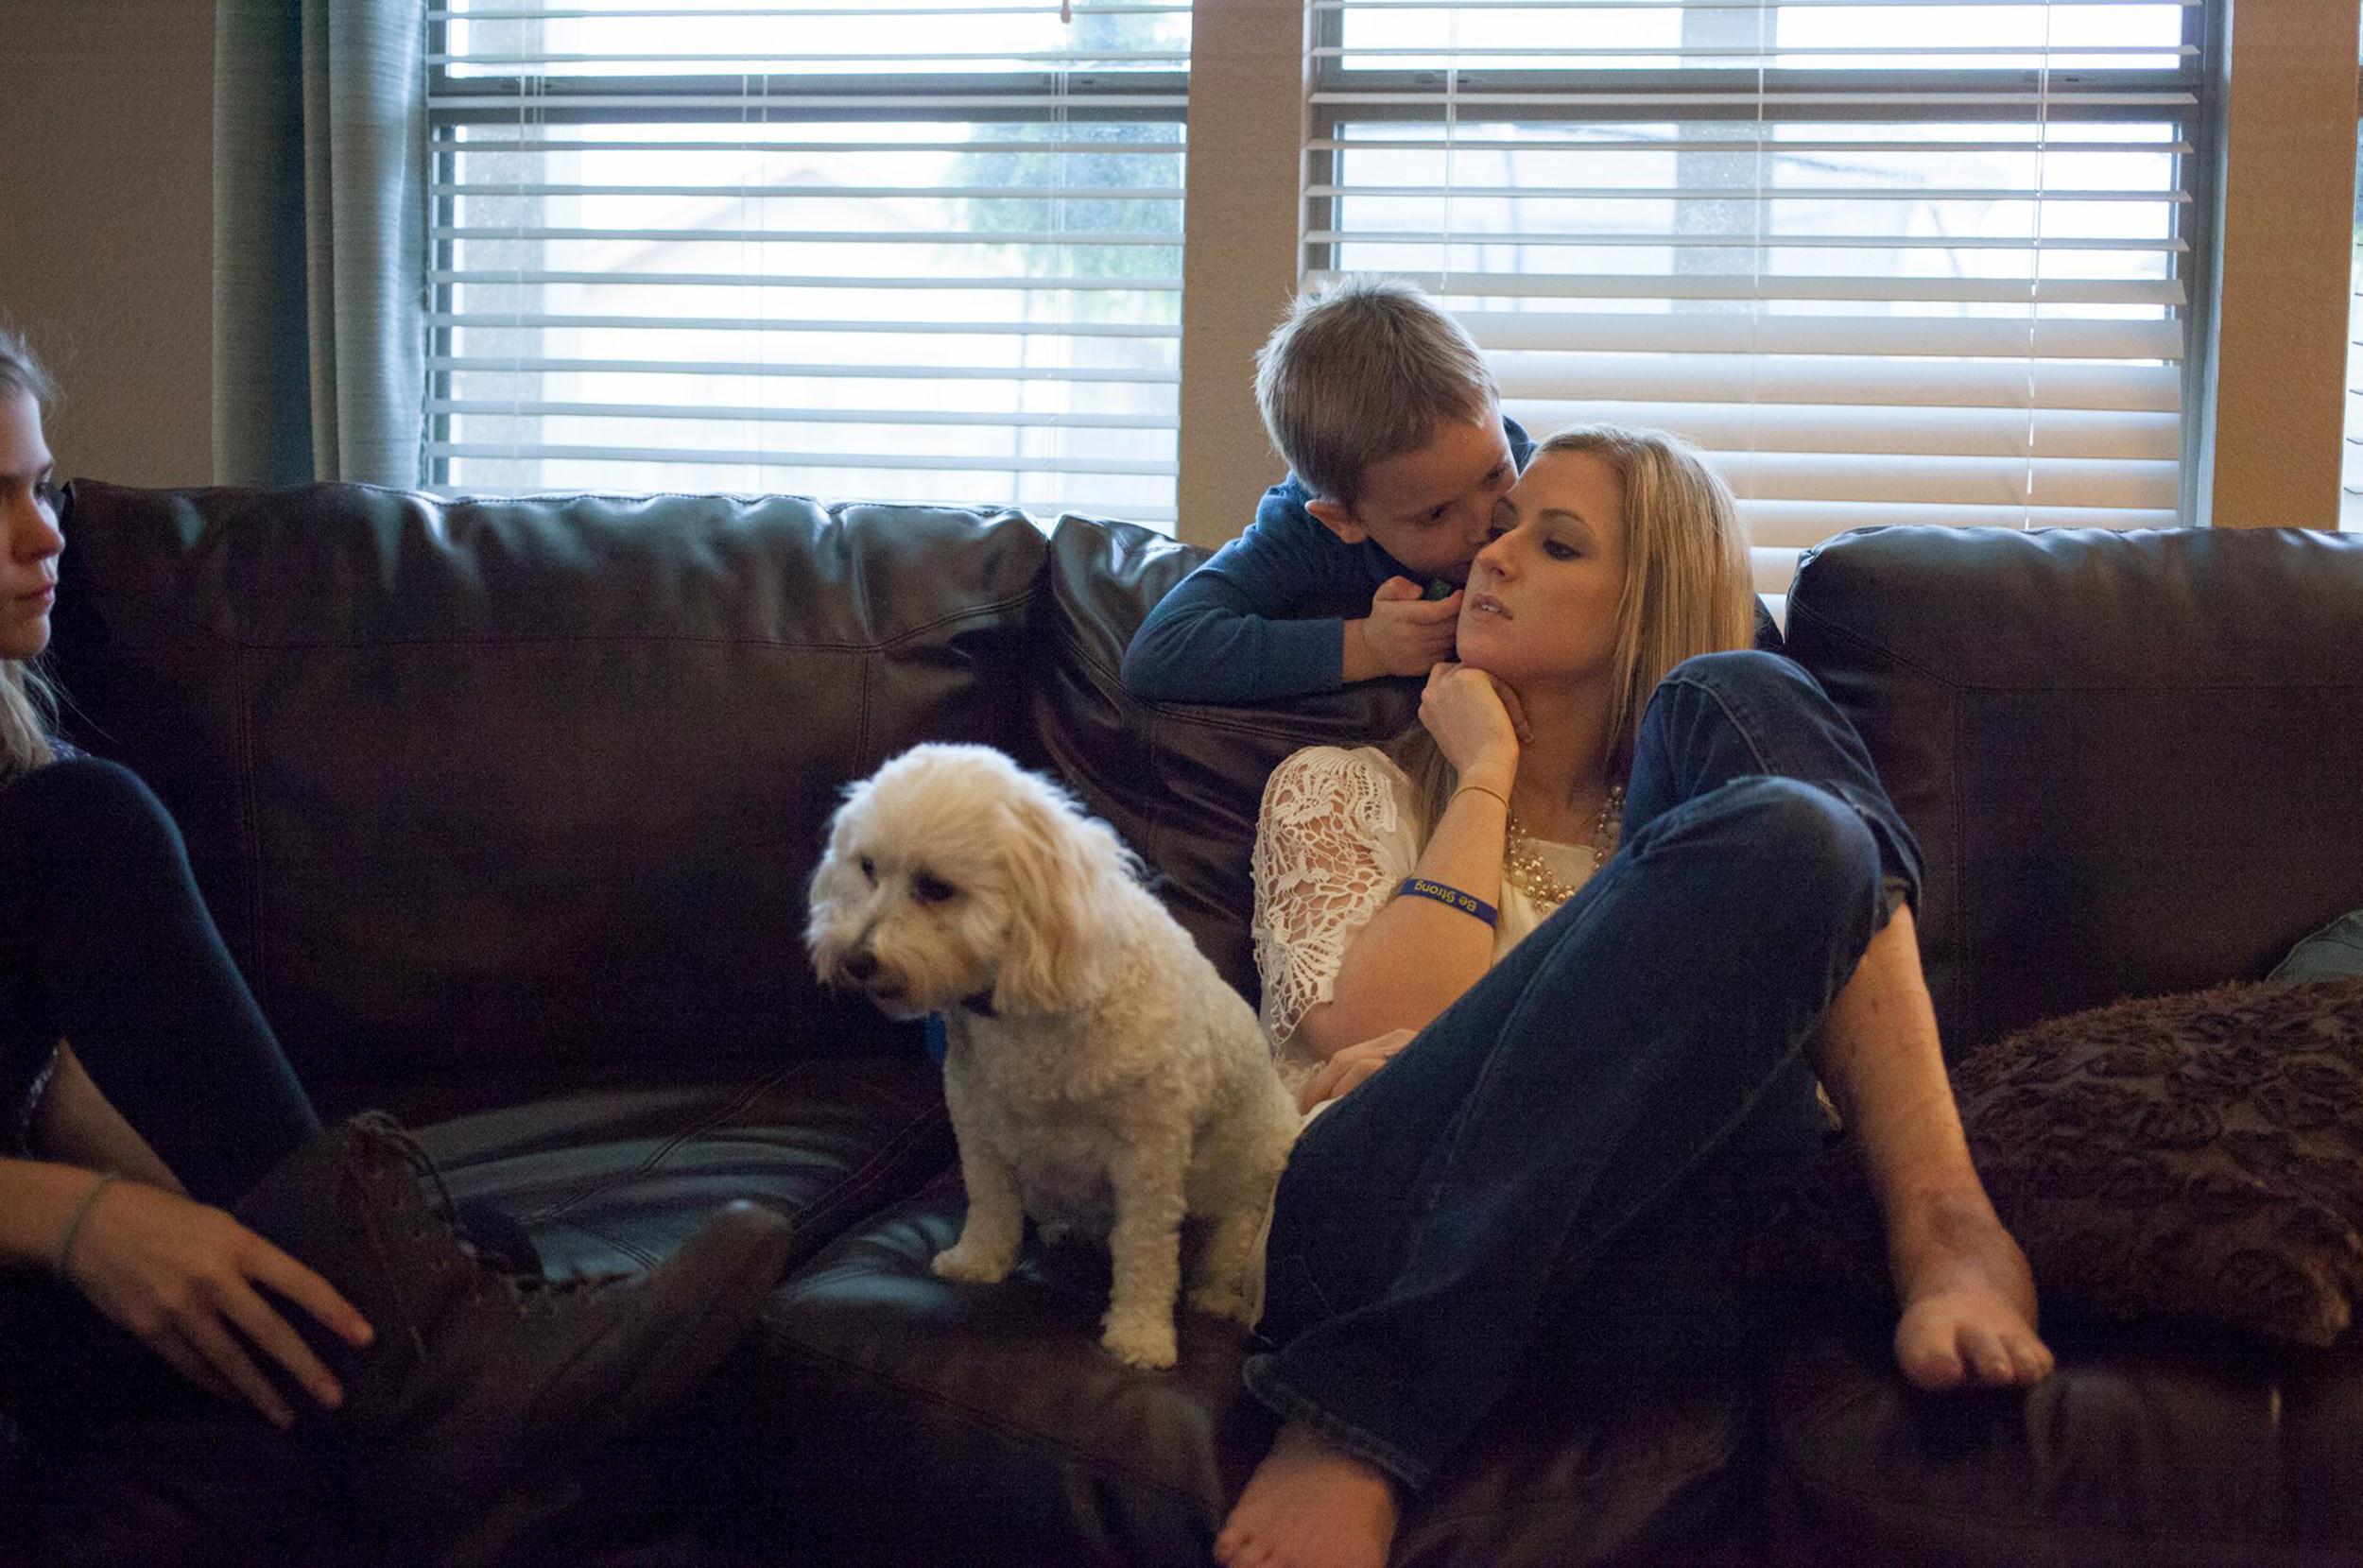 Image: Rebekah and Noah